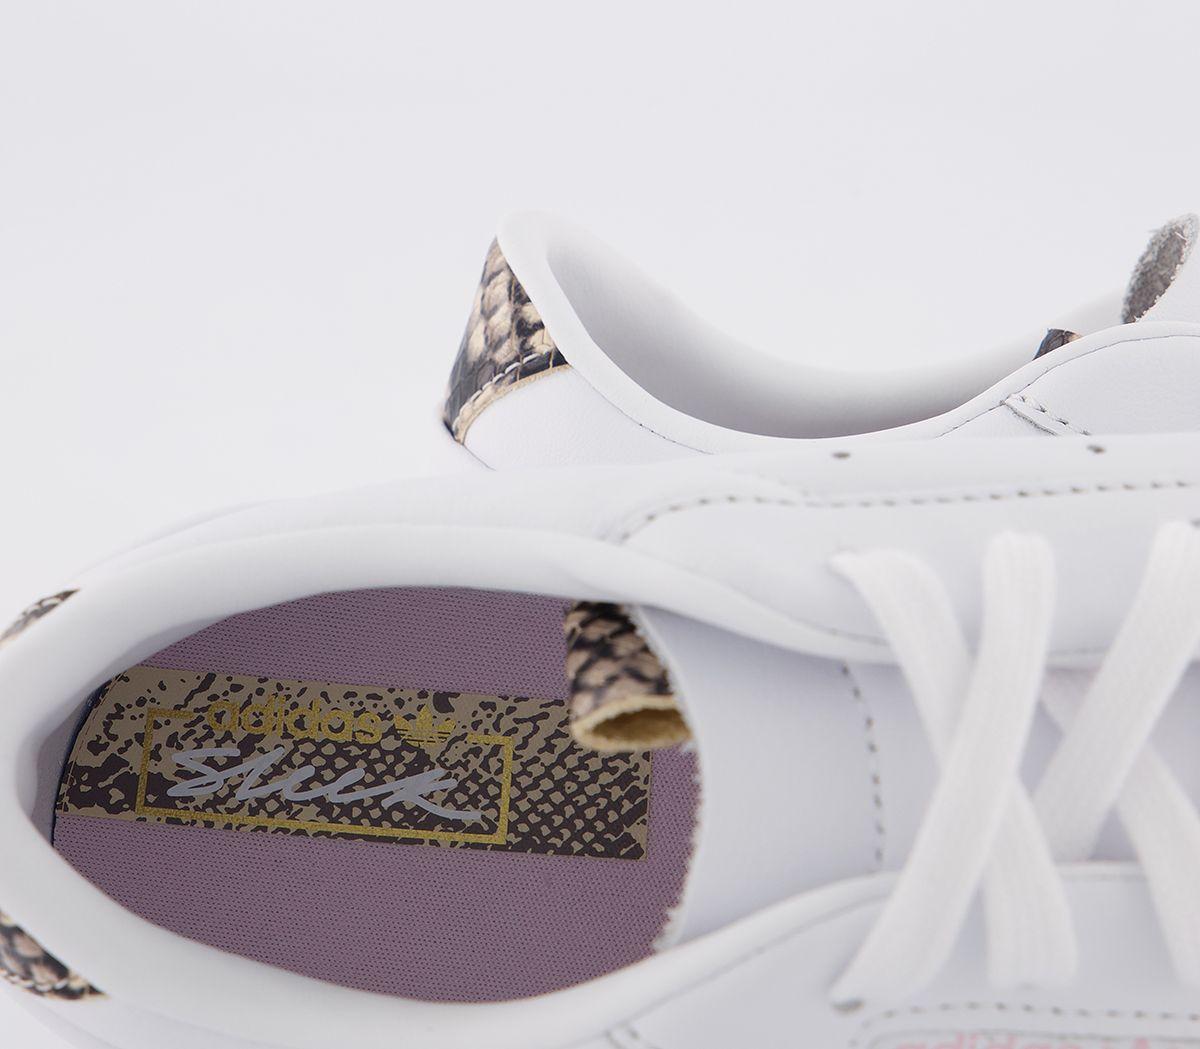 Da-Donna-Adidas-Elegante-Scarpe-Da-Ginnastica-Bianco-Rosa-chiaro-serpente-stampato-ESCLUSIVO-Scarpe miniatura 3